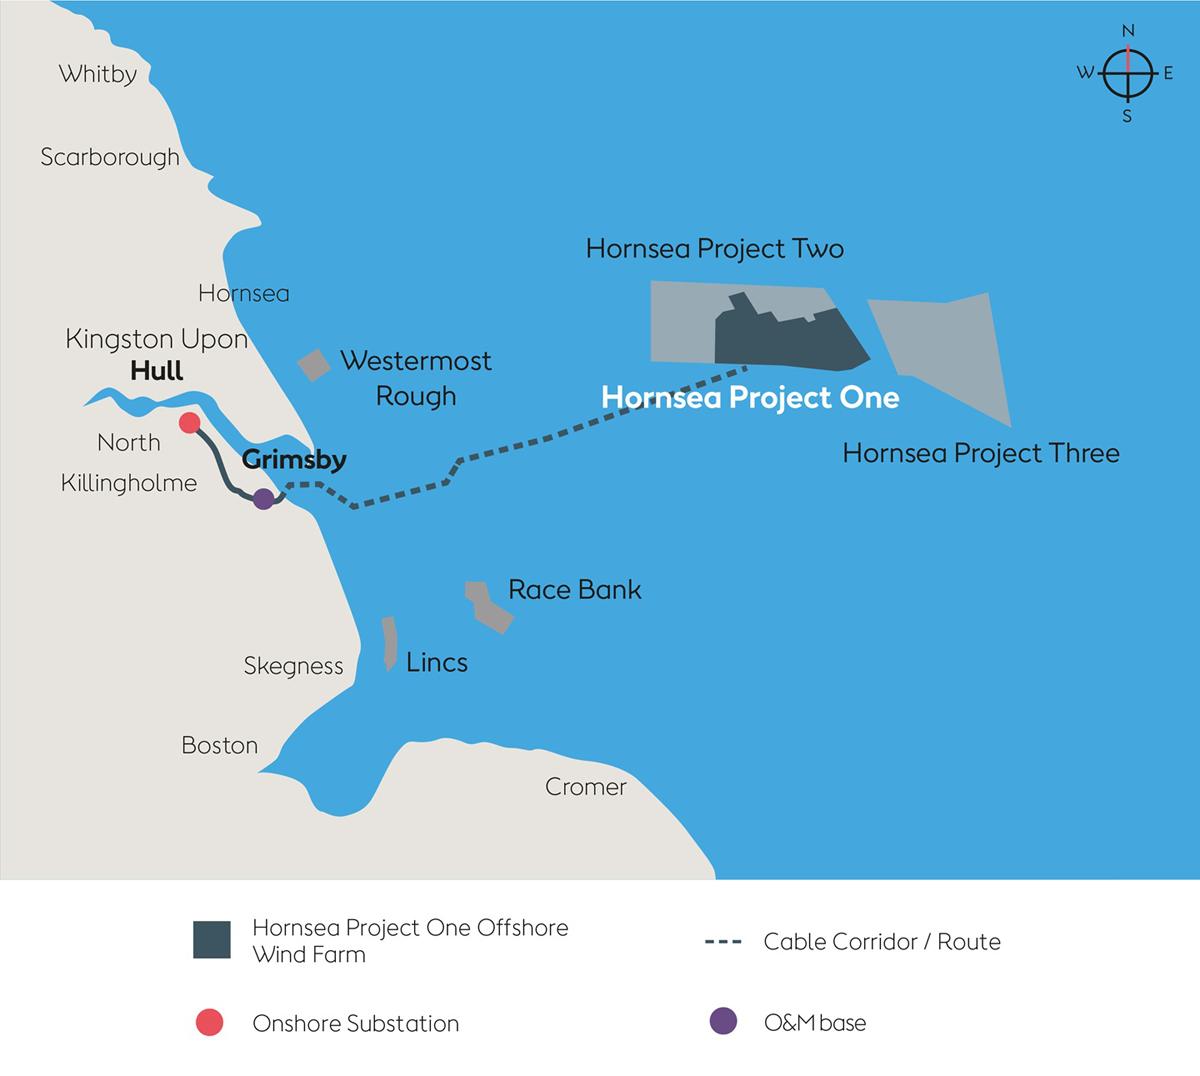 世界 最大 の 洋上 風力 発電 所 は どこに ある